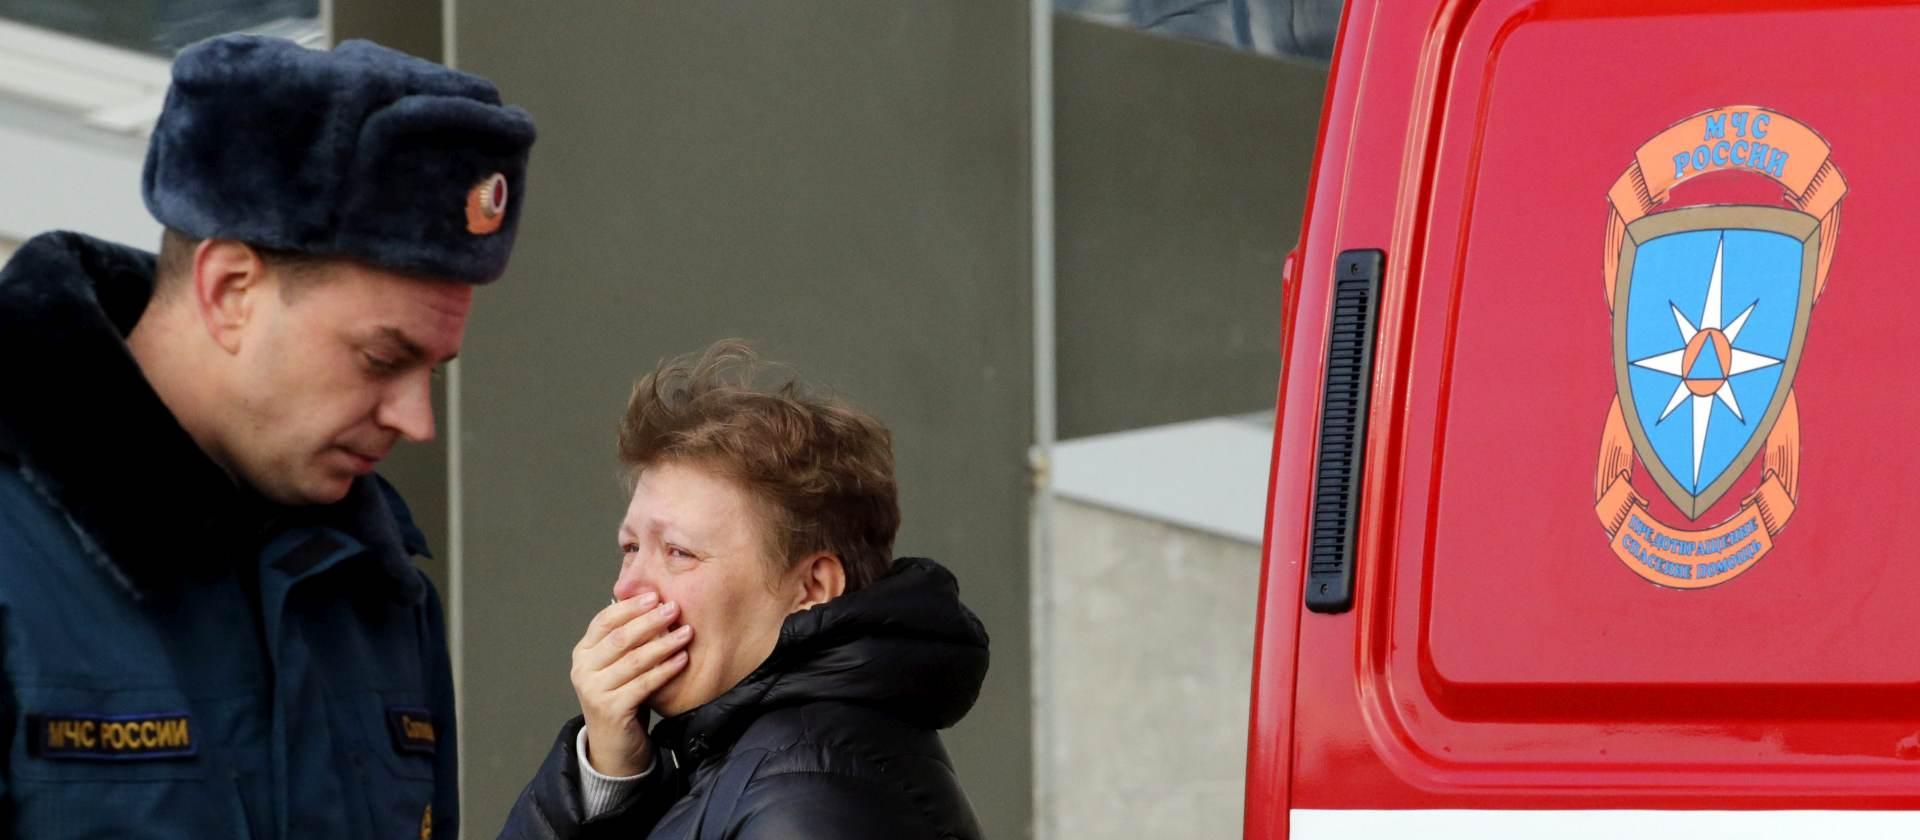 NEMA PREŽIVJELIH: U padu ruskog aviona u Egiptu poginule 224 osobe